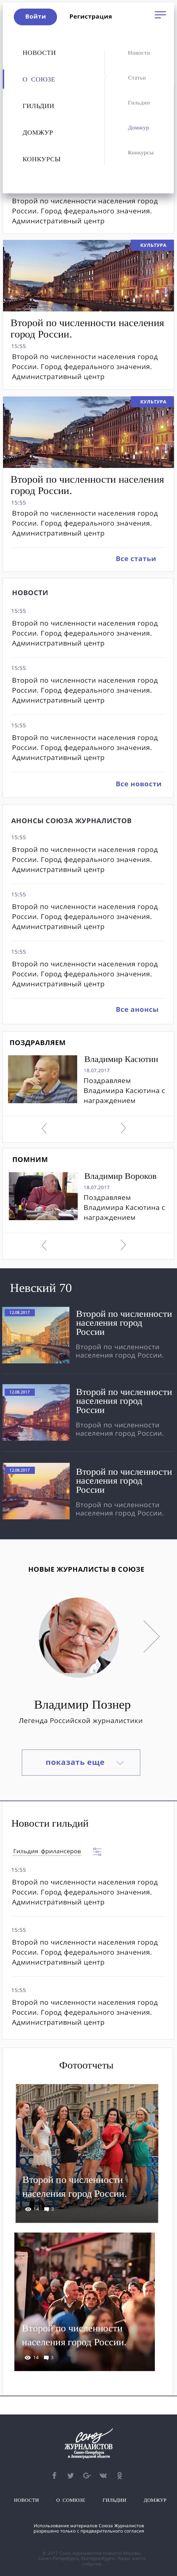 Союз Журналистов СПБ